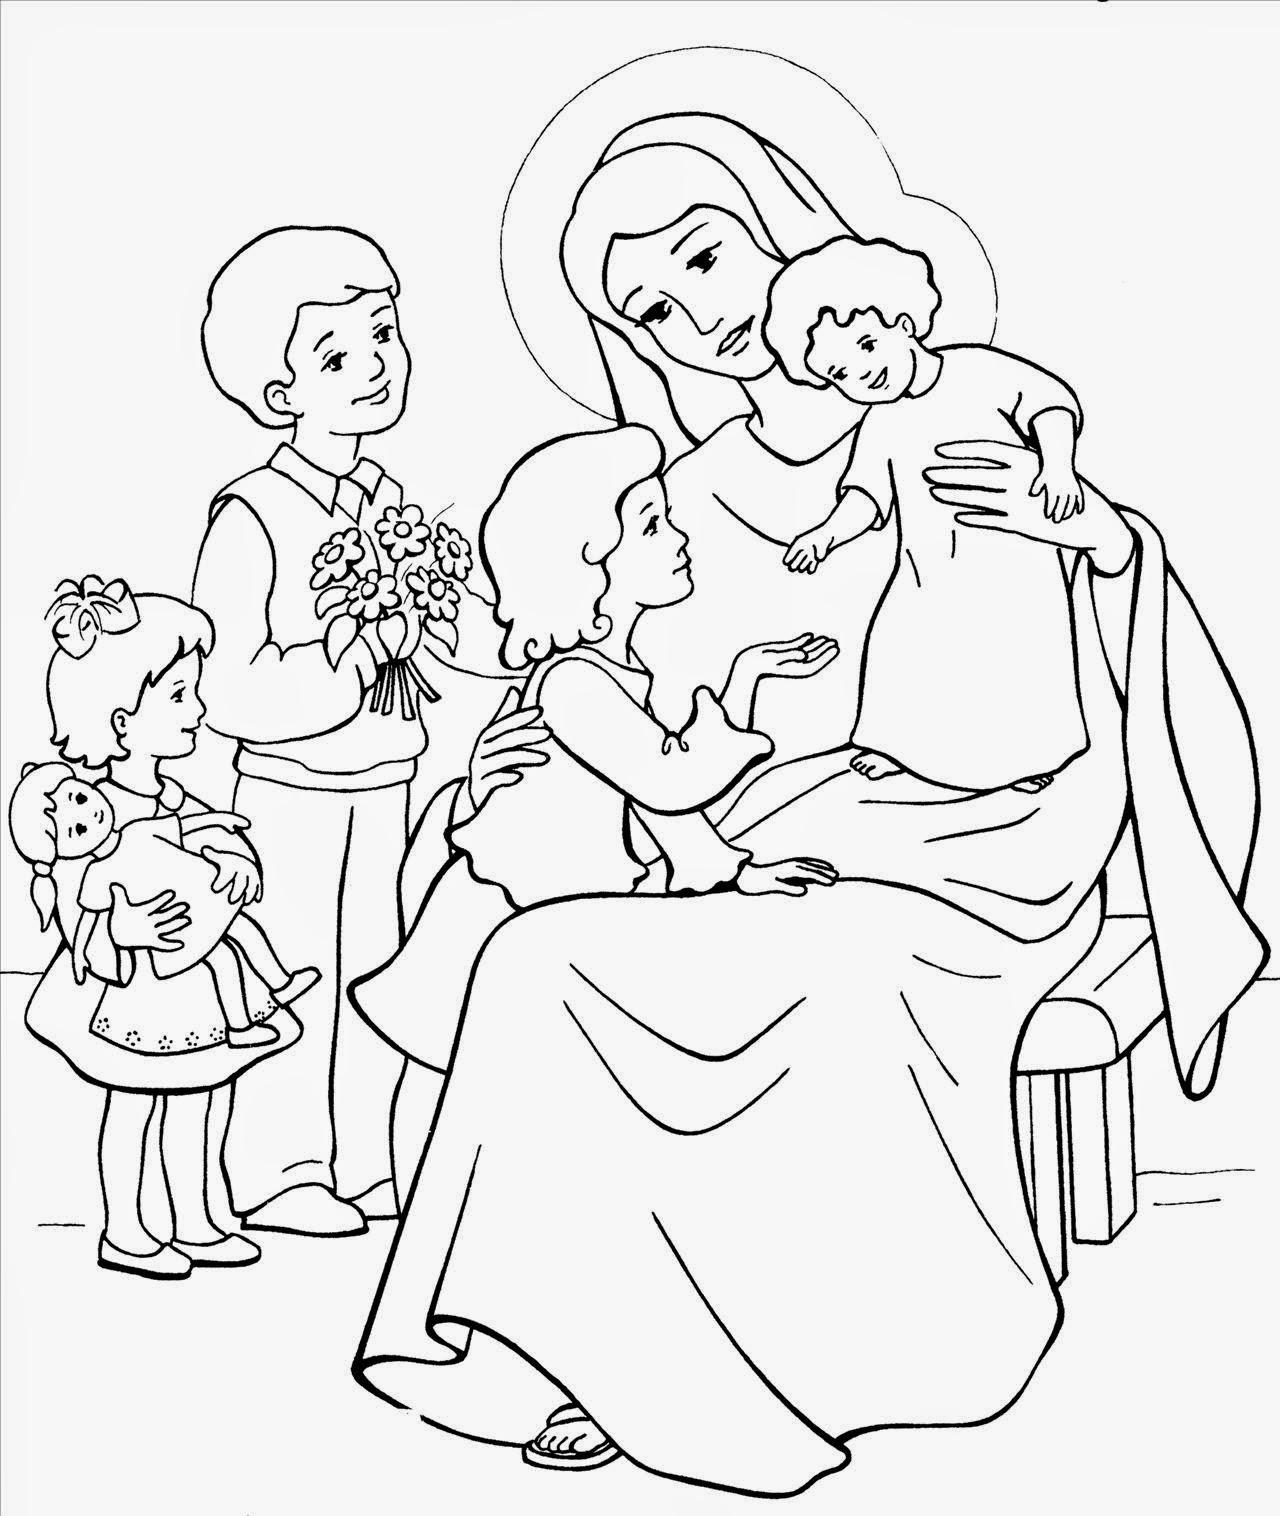 Piesni Maryjne Kolorowanki Z Matka Boska Dla Dzieci